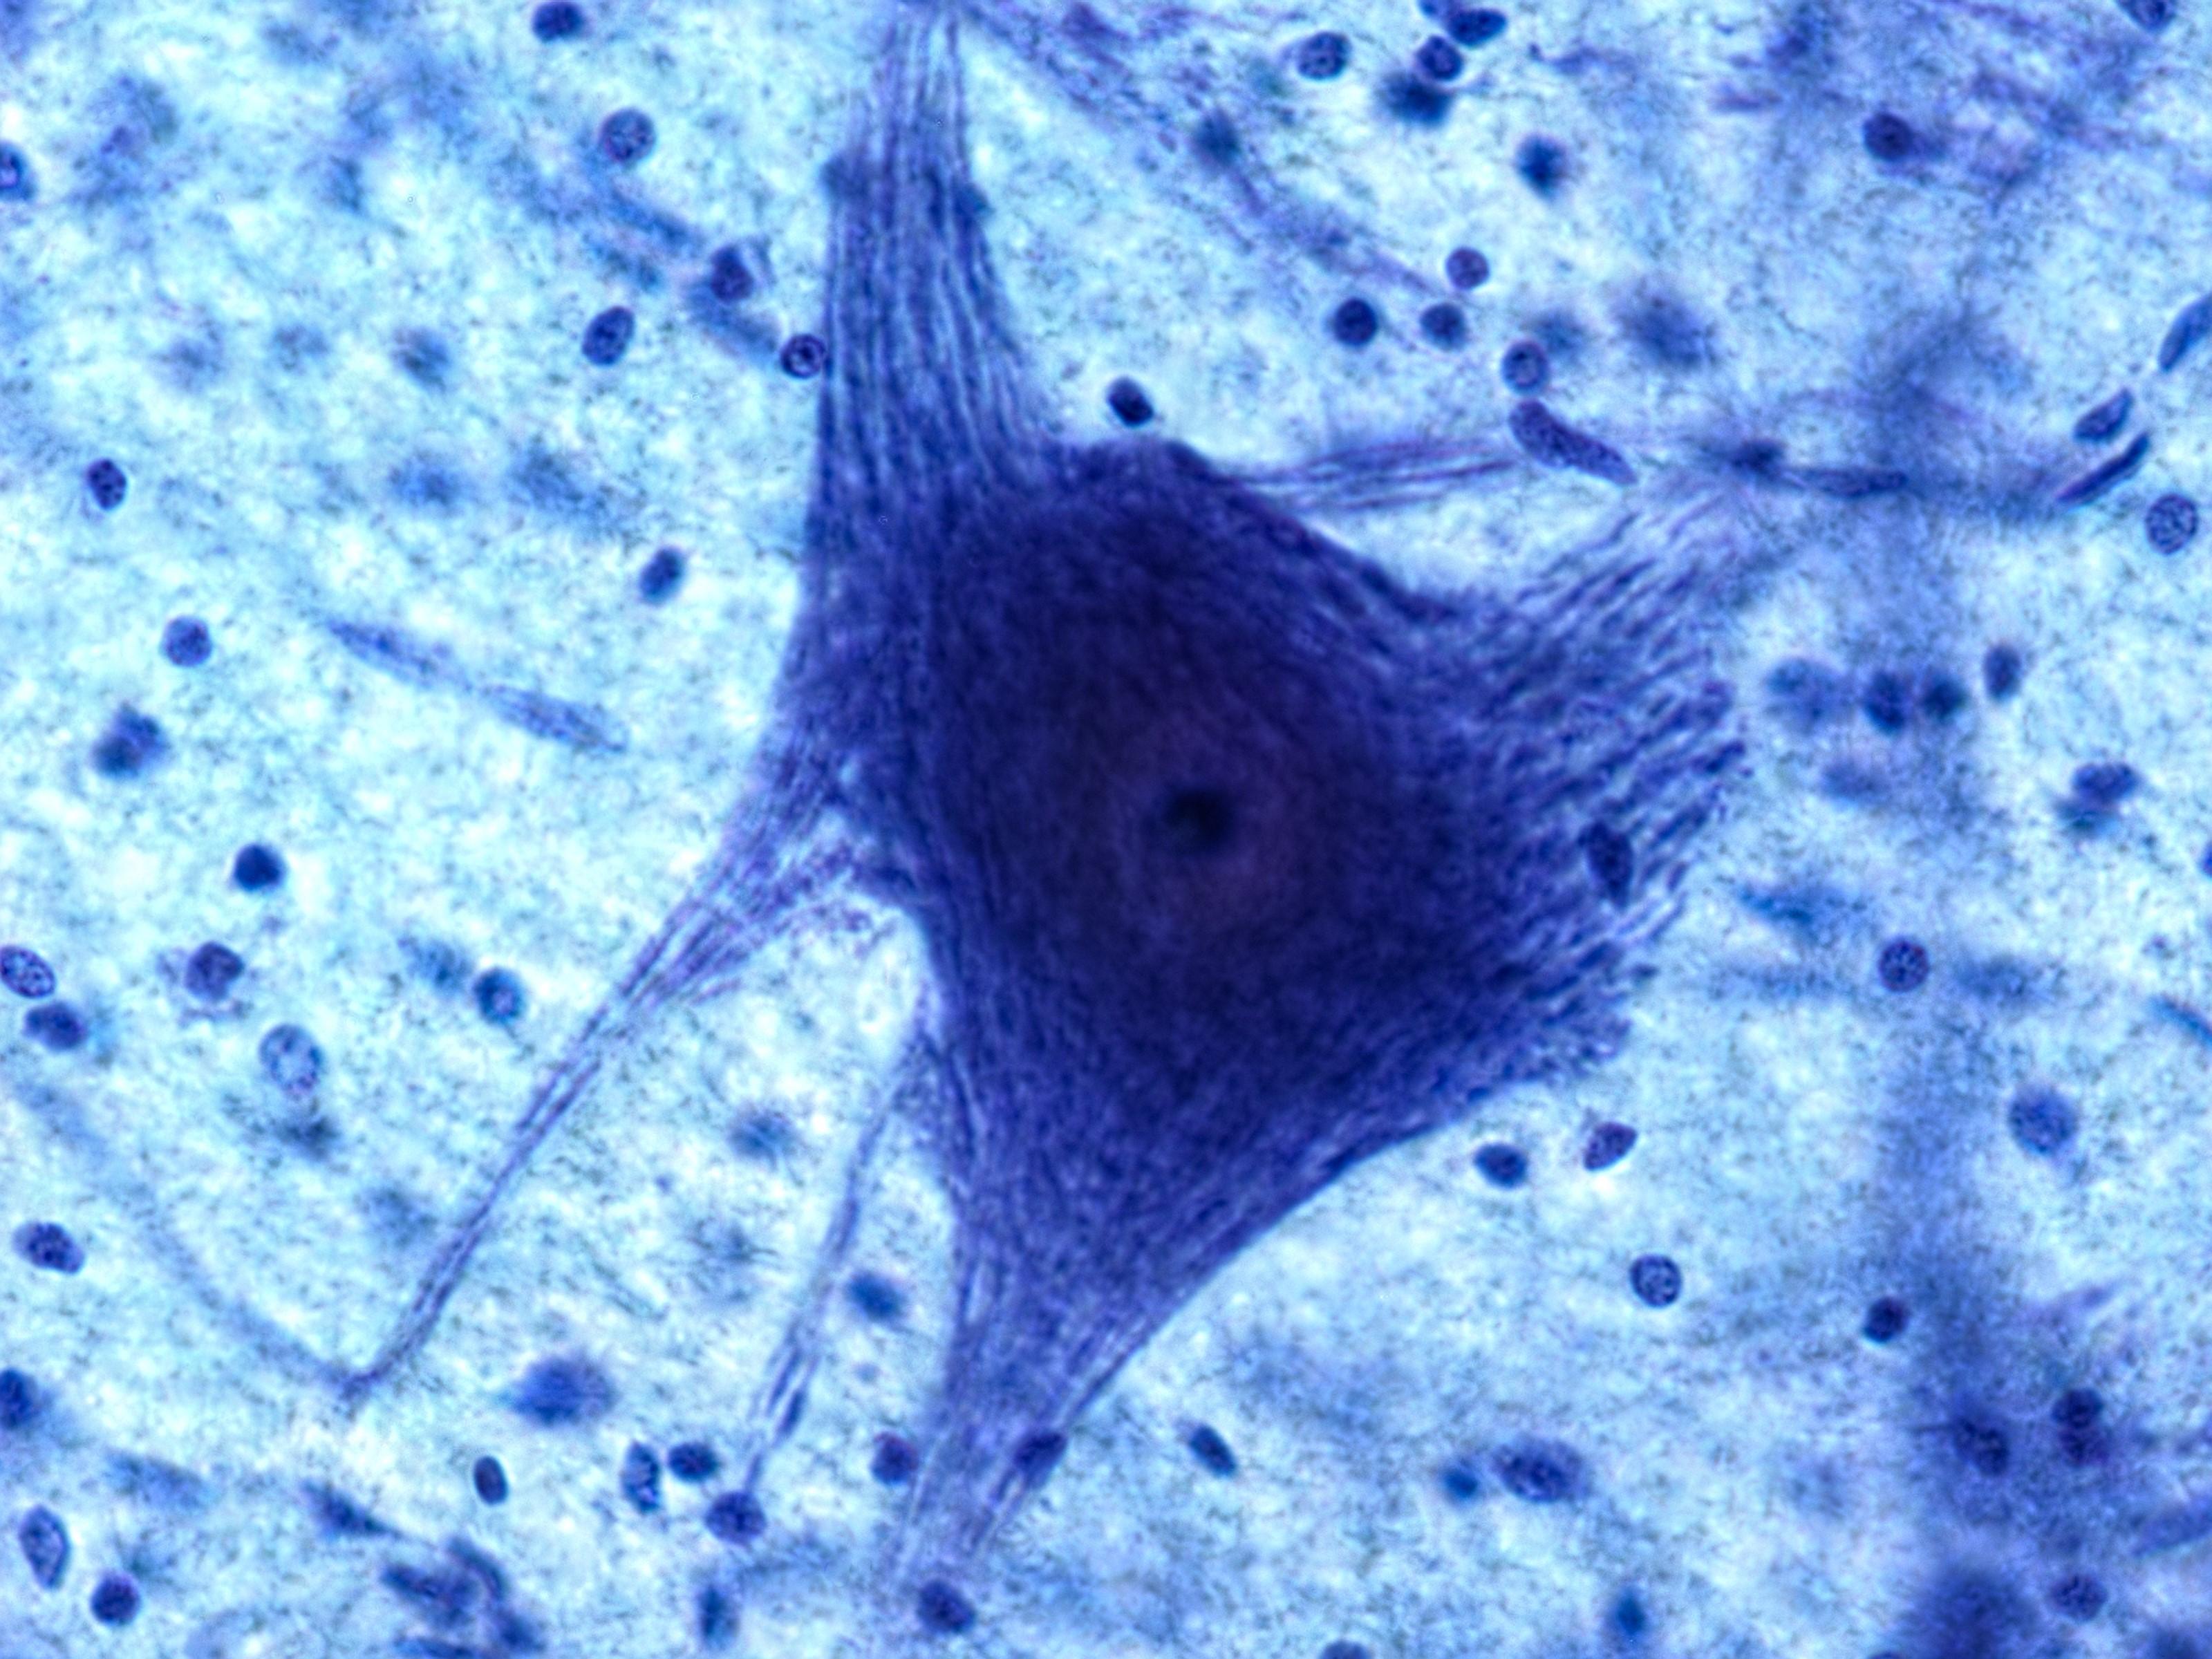 glial_neuron.jpg